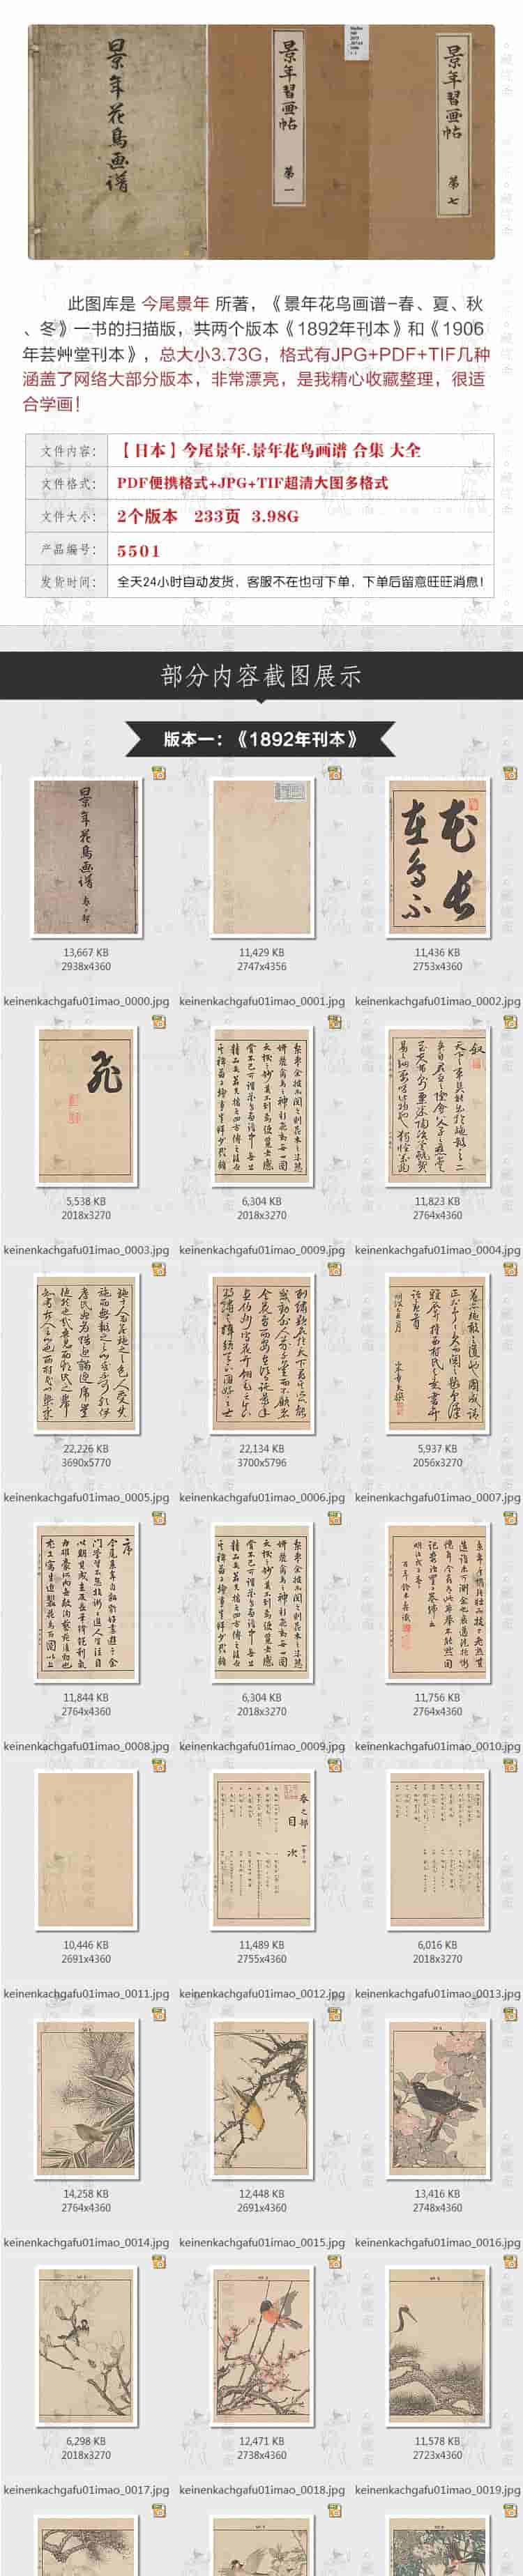 今尾景年花鸟画谱/手抄本古籍美术国画高清设计素材PDF电子版5501插图1